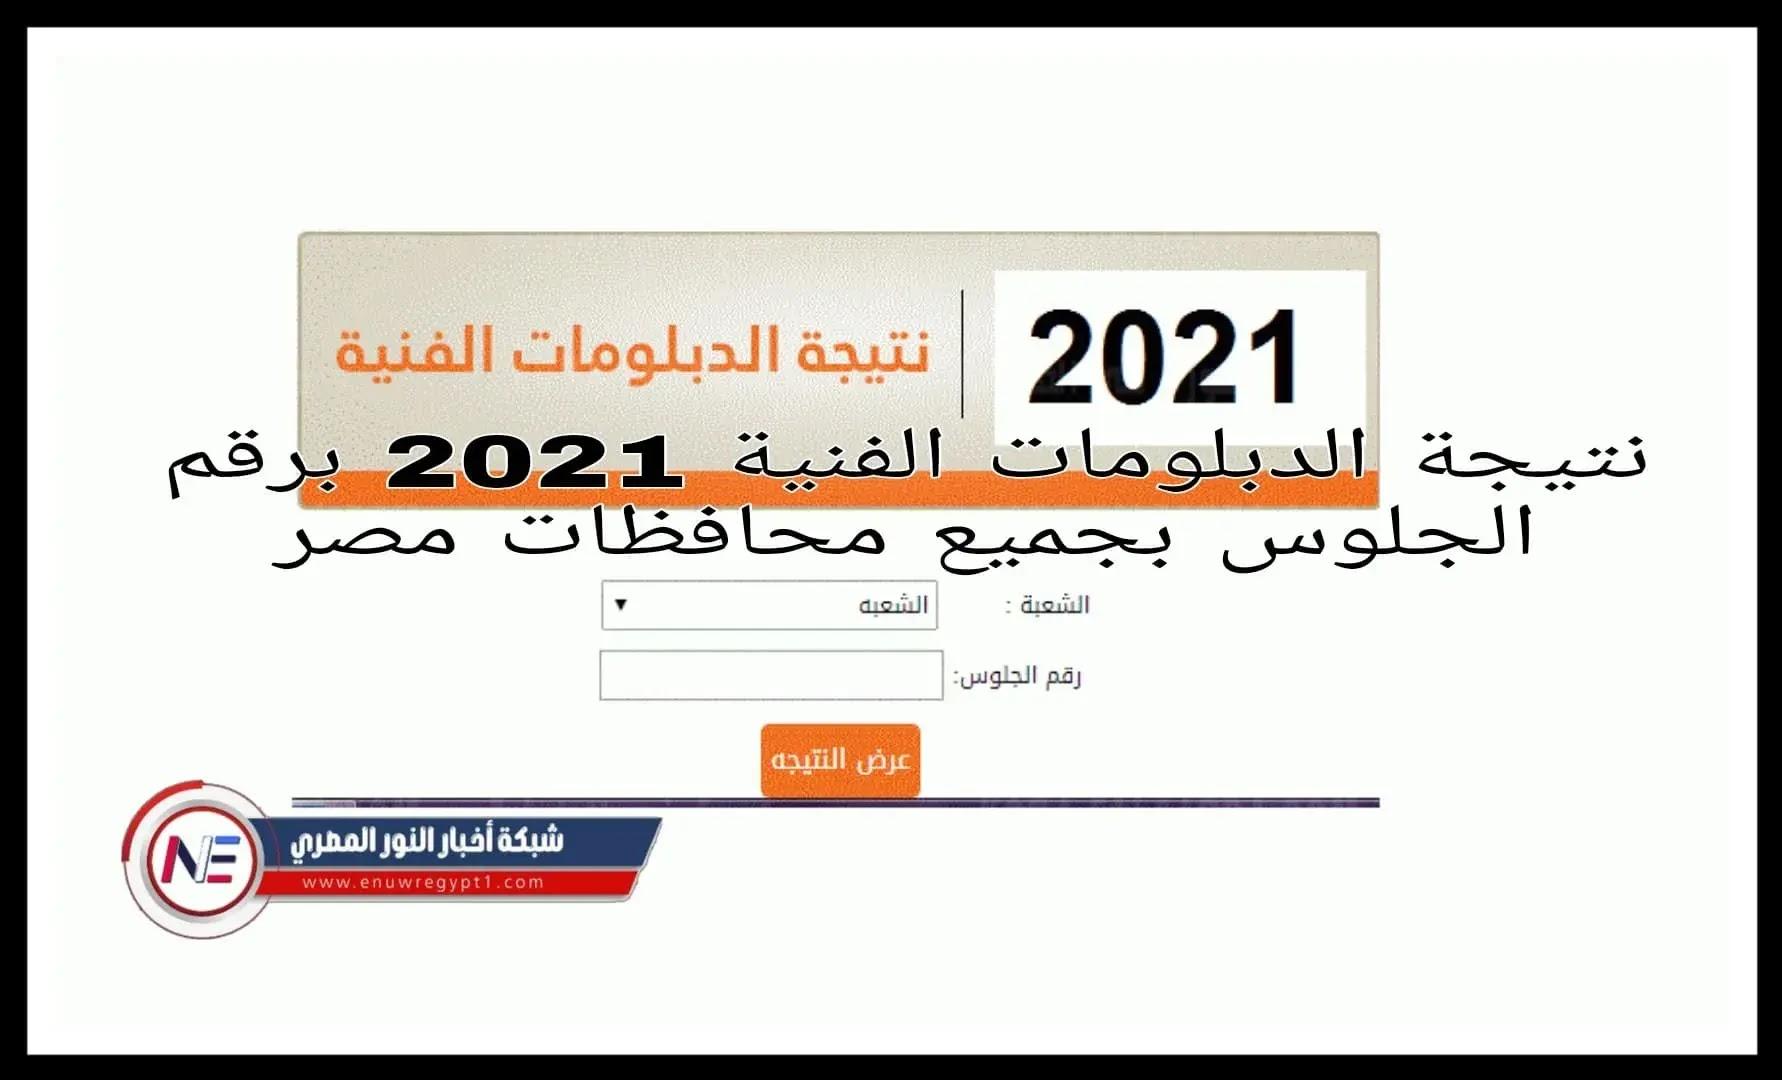 """الان نتيجة الدبلومات الفنية 2021 عبر الموقع الرسمي fany.moe.gov.eg بالاسم و رقم الجلوس """"اليوم السابع"""" دبلوم تجاري وصناعي وزراعي"""